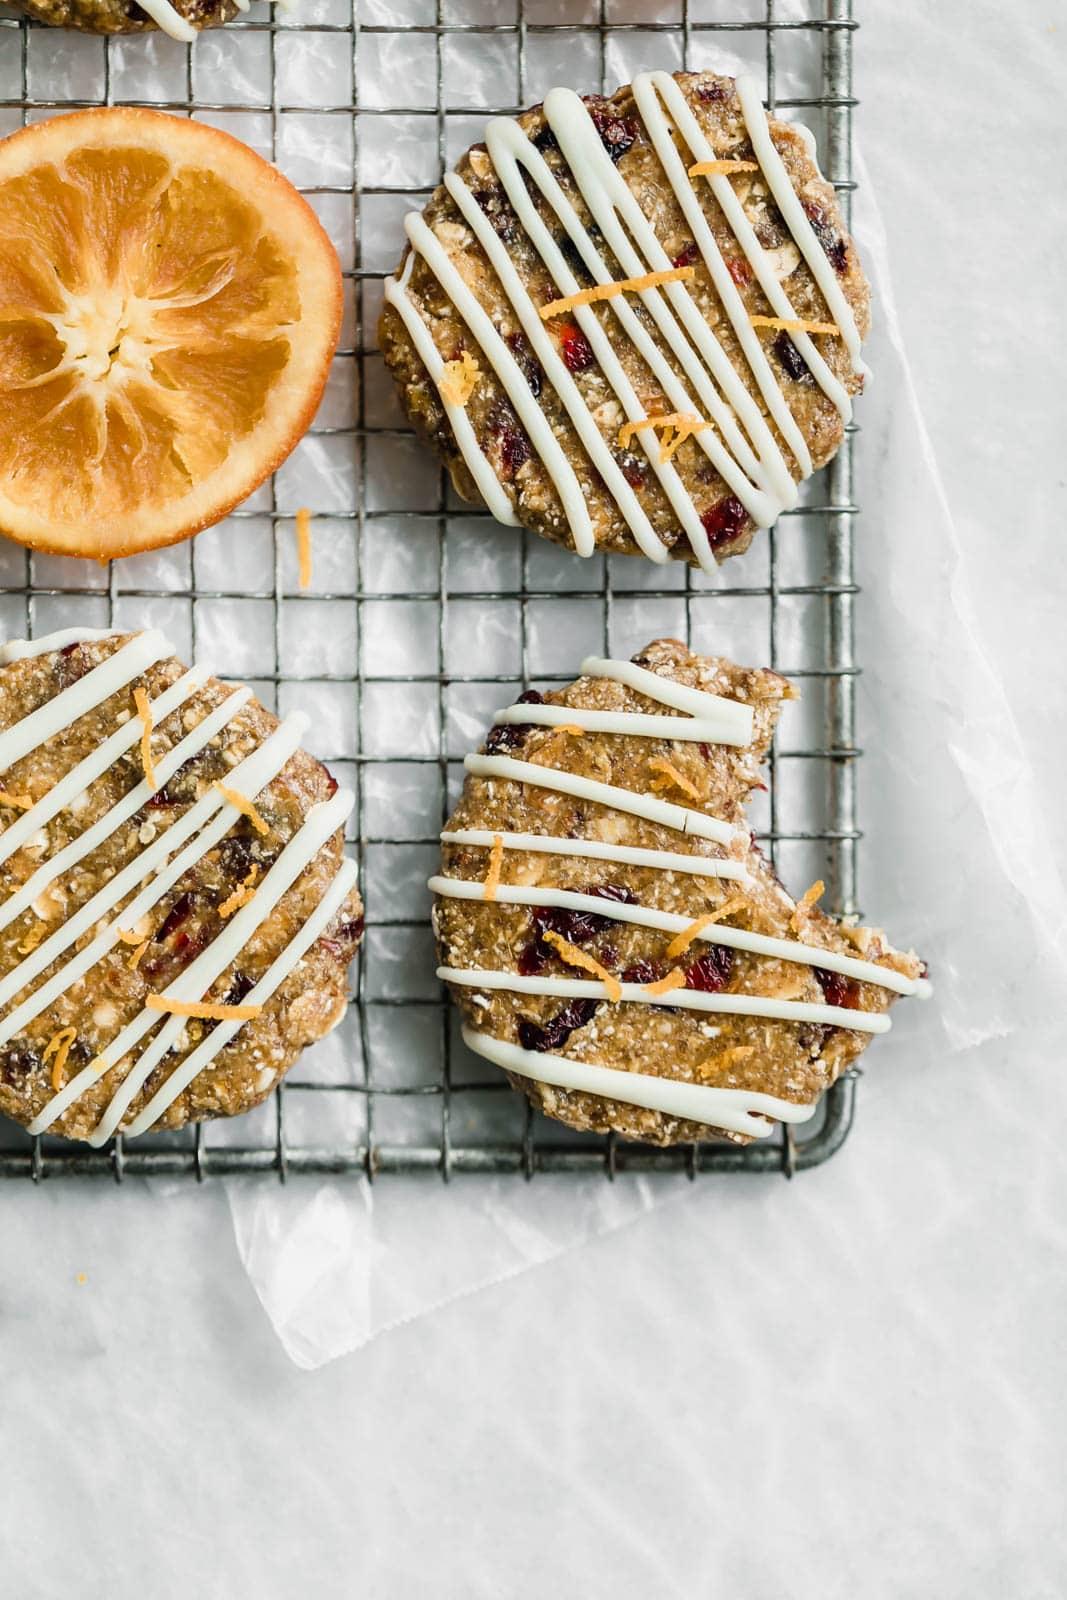 Nyers, gluténmentes és vegán, ezek a sütés nélküli áfonyás narancssárga bárok a legjobb módja a nap kezdésének.